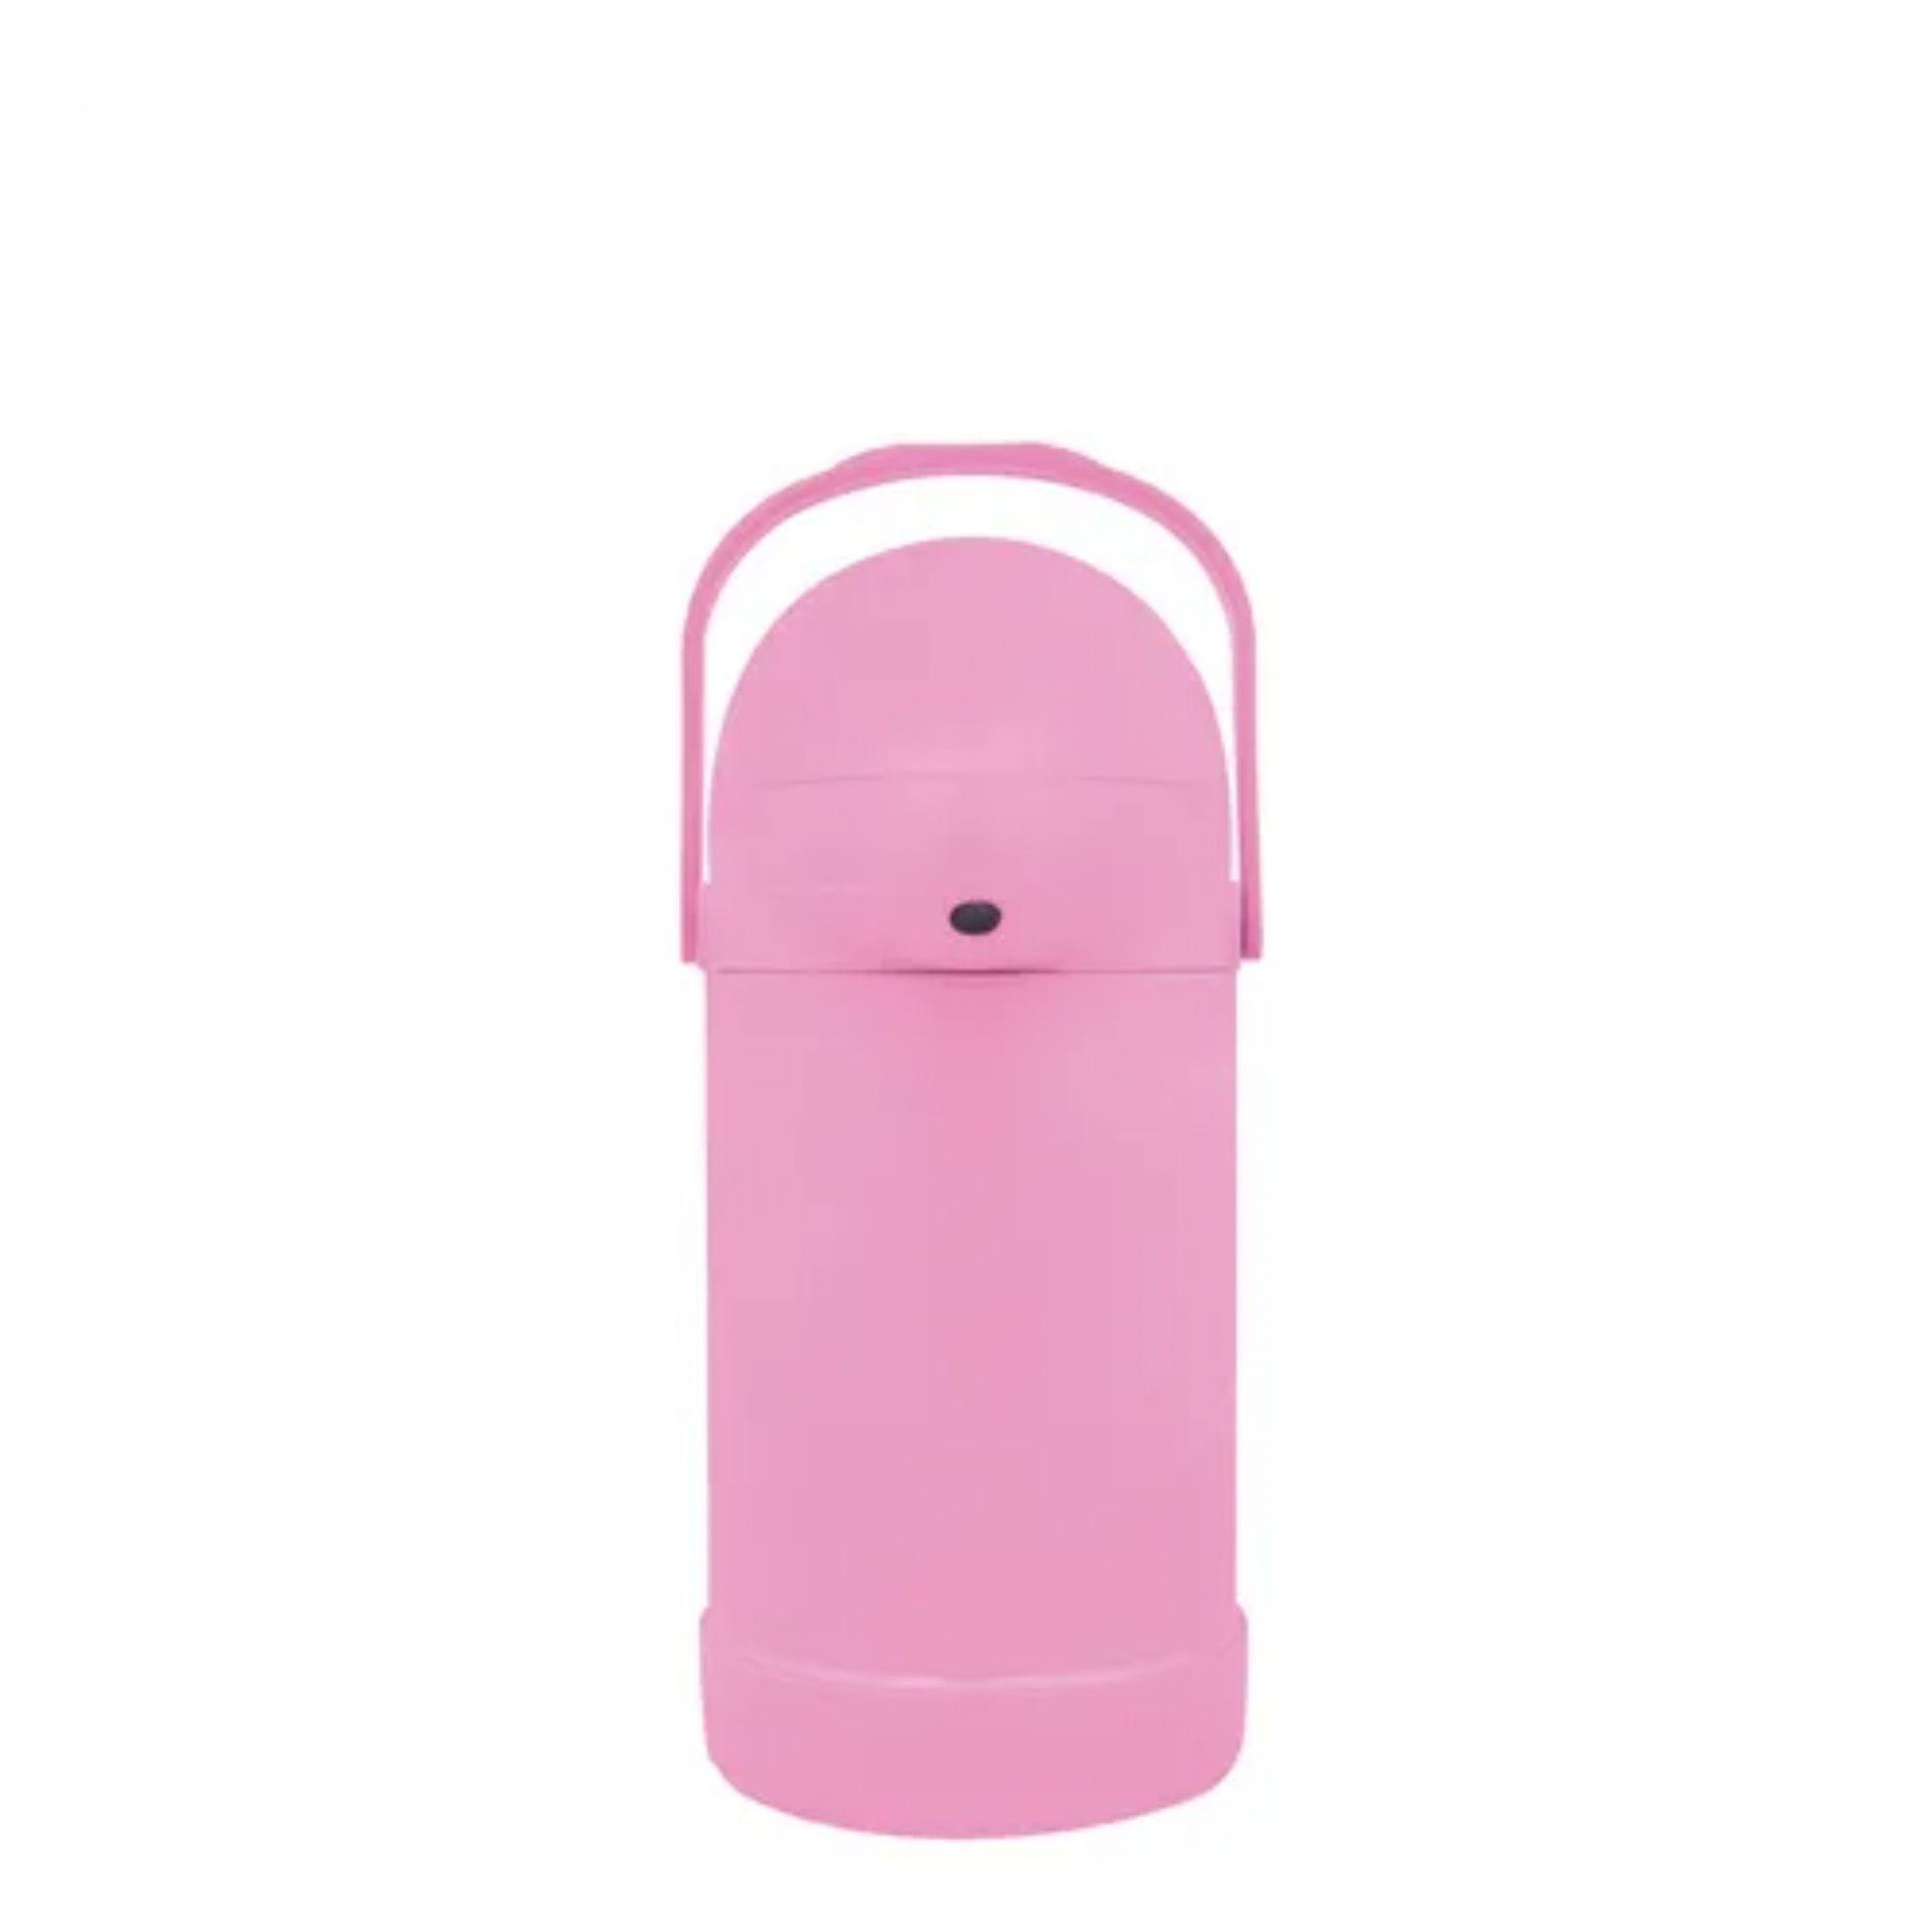 Garrafa de Pressão Nobile 500ml - Cor Algodão Doce (Rosa)   - Pensou Filtros